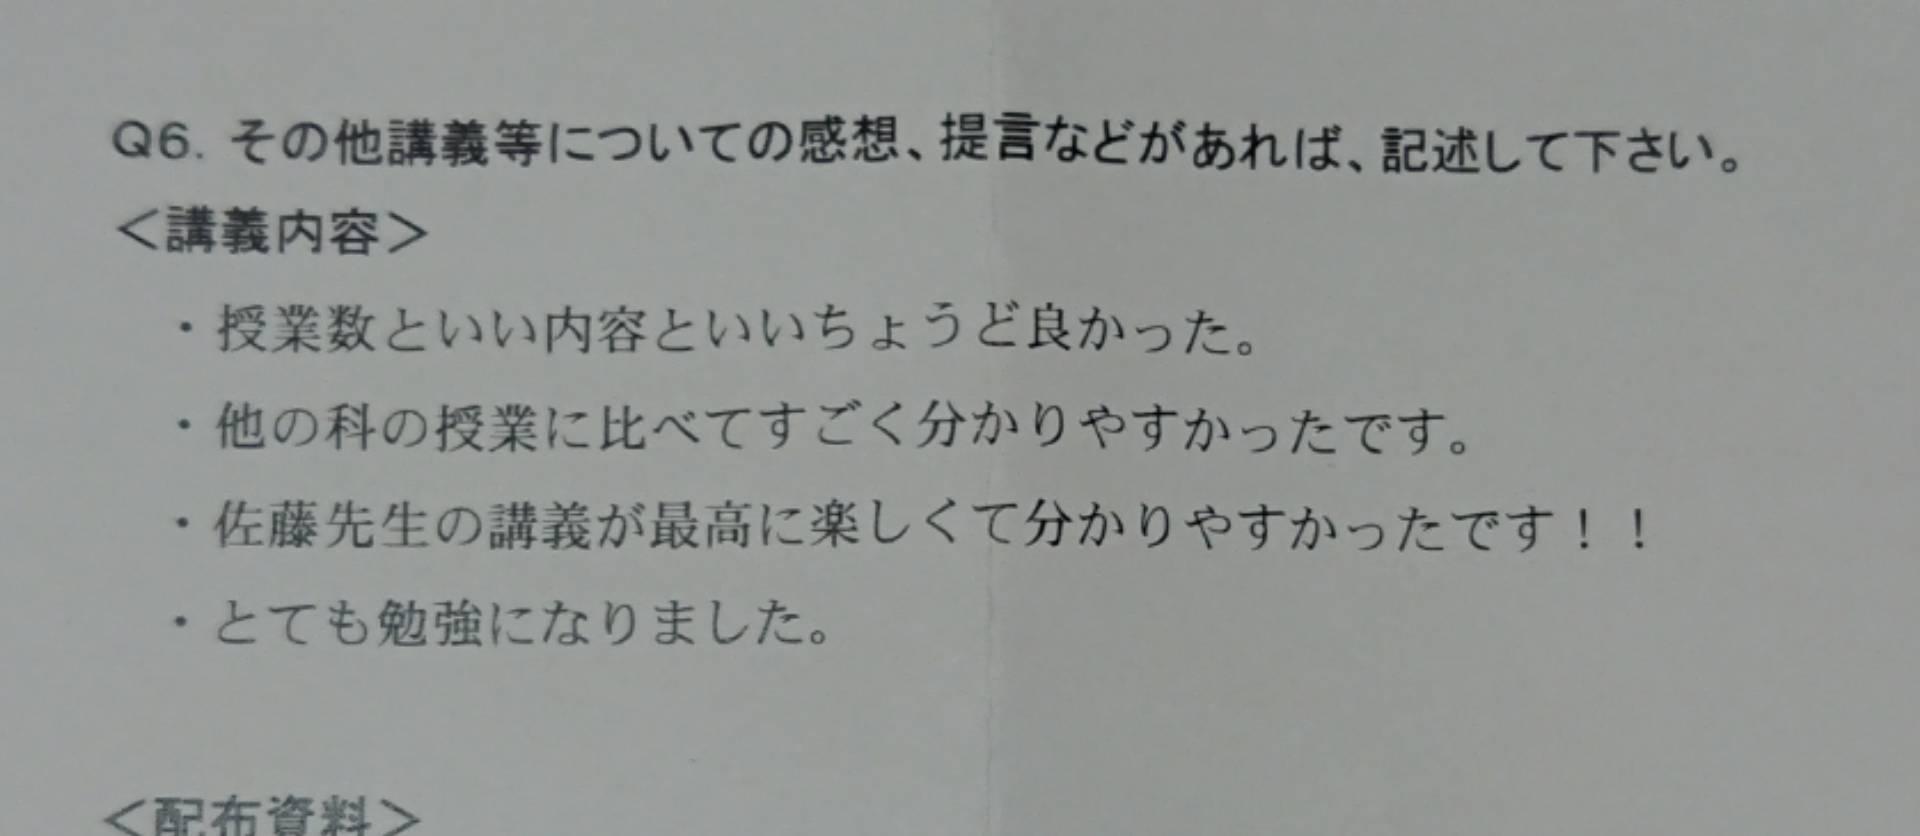 クリニック Karada 内科